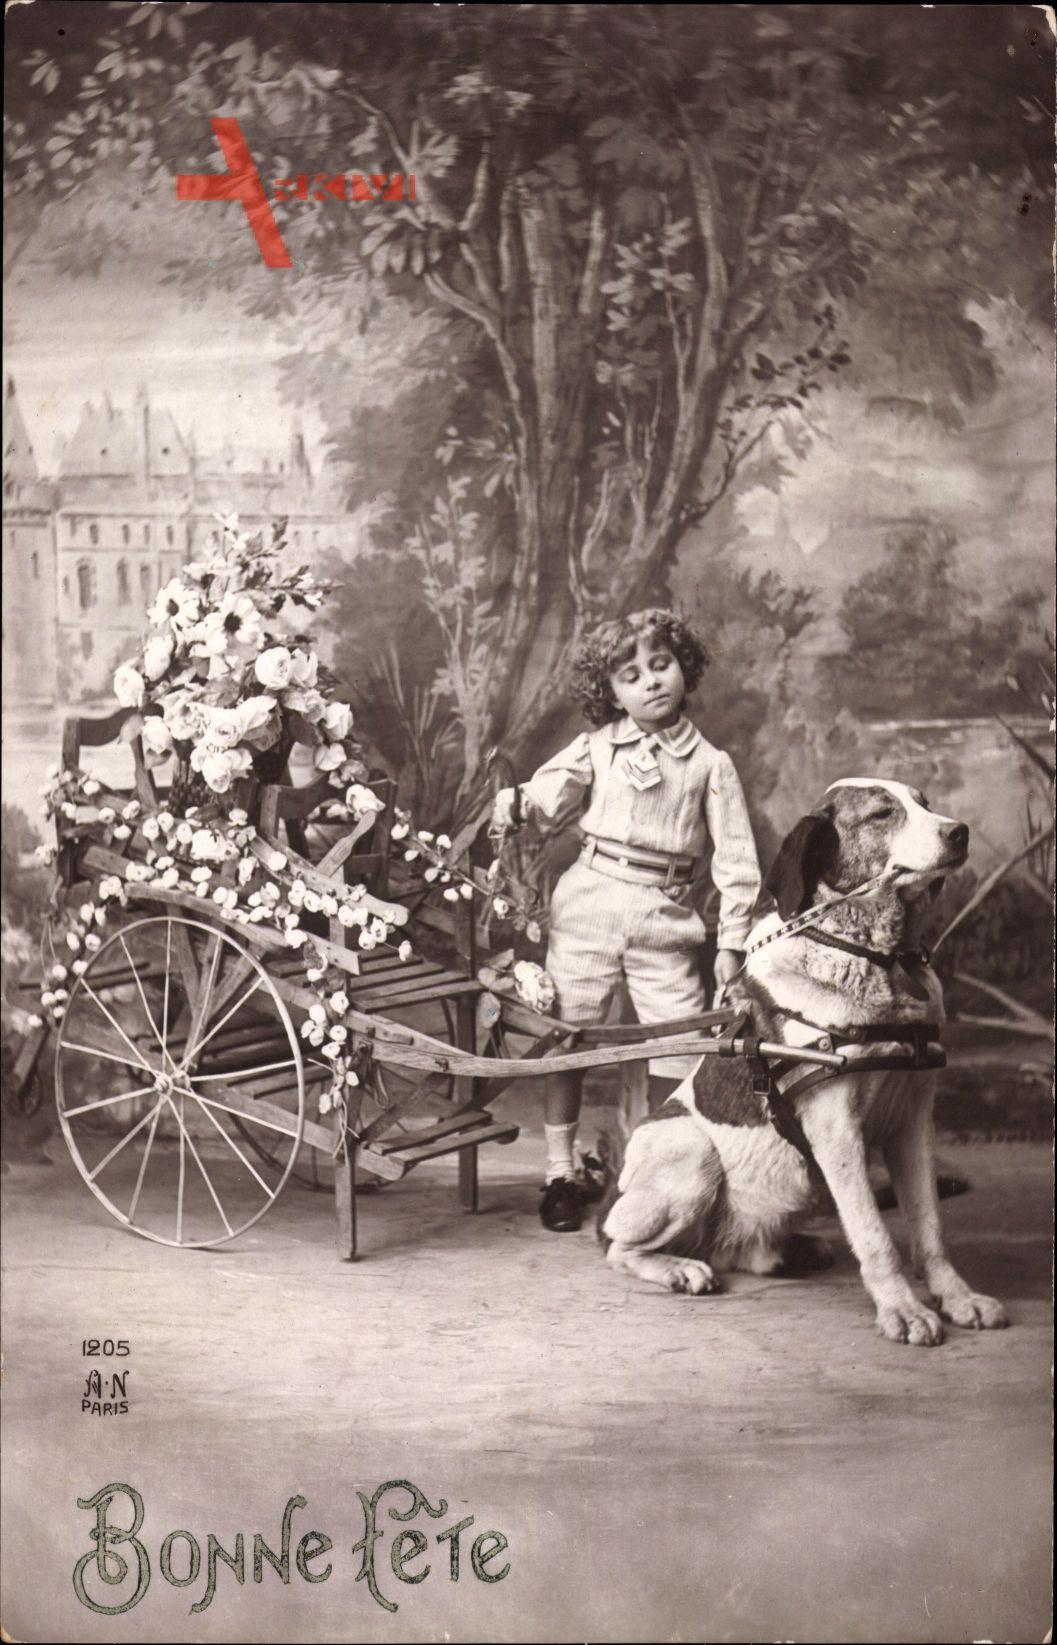 Glückwunsch, Zughund, Blumenwagen, Kind, Bonne Fête